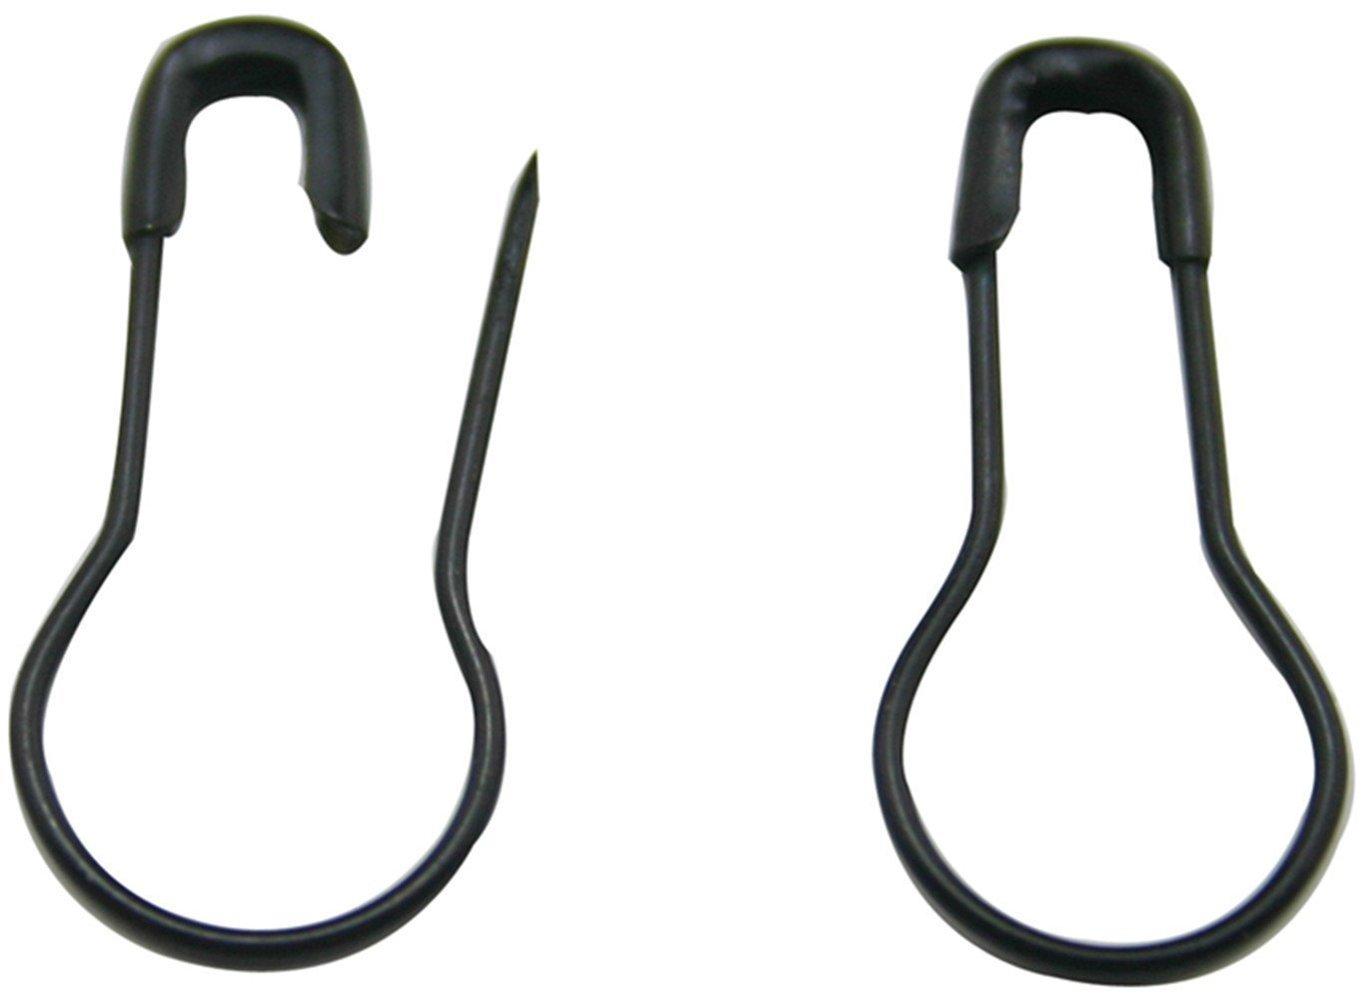 500pcs 0.8 Metal Gourd Pin//Bulb Pin// safety Pins//Clothing Tag Pins Bulb Pin//Calabash Pin Bead Needle Pins DIY Home Accessories Golden